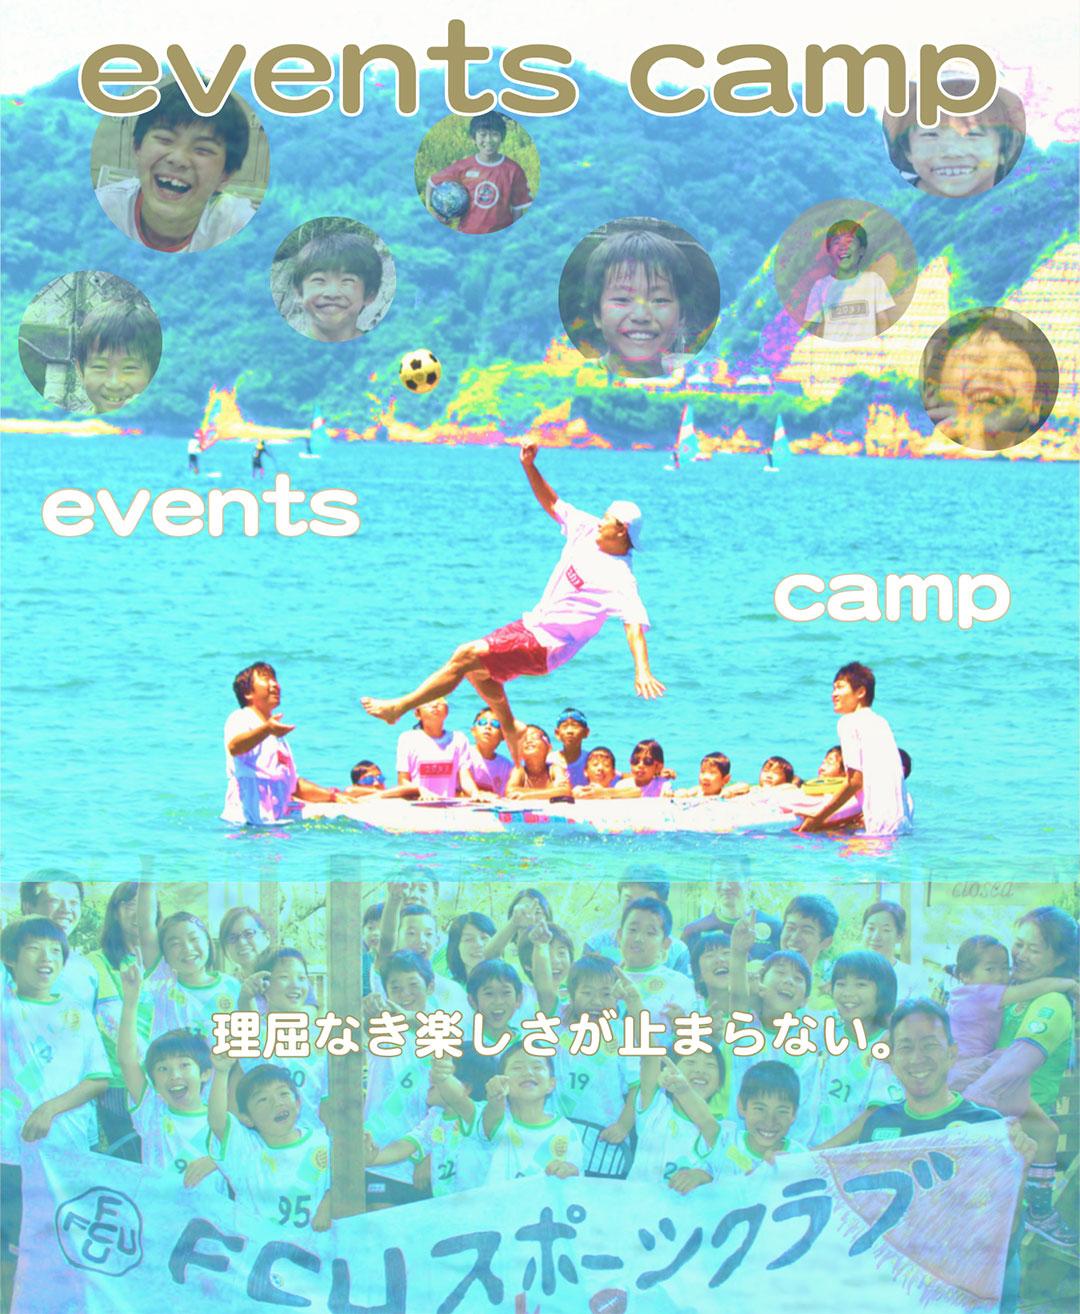 events・camp|理屈なき楽しさが止まらない。